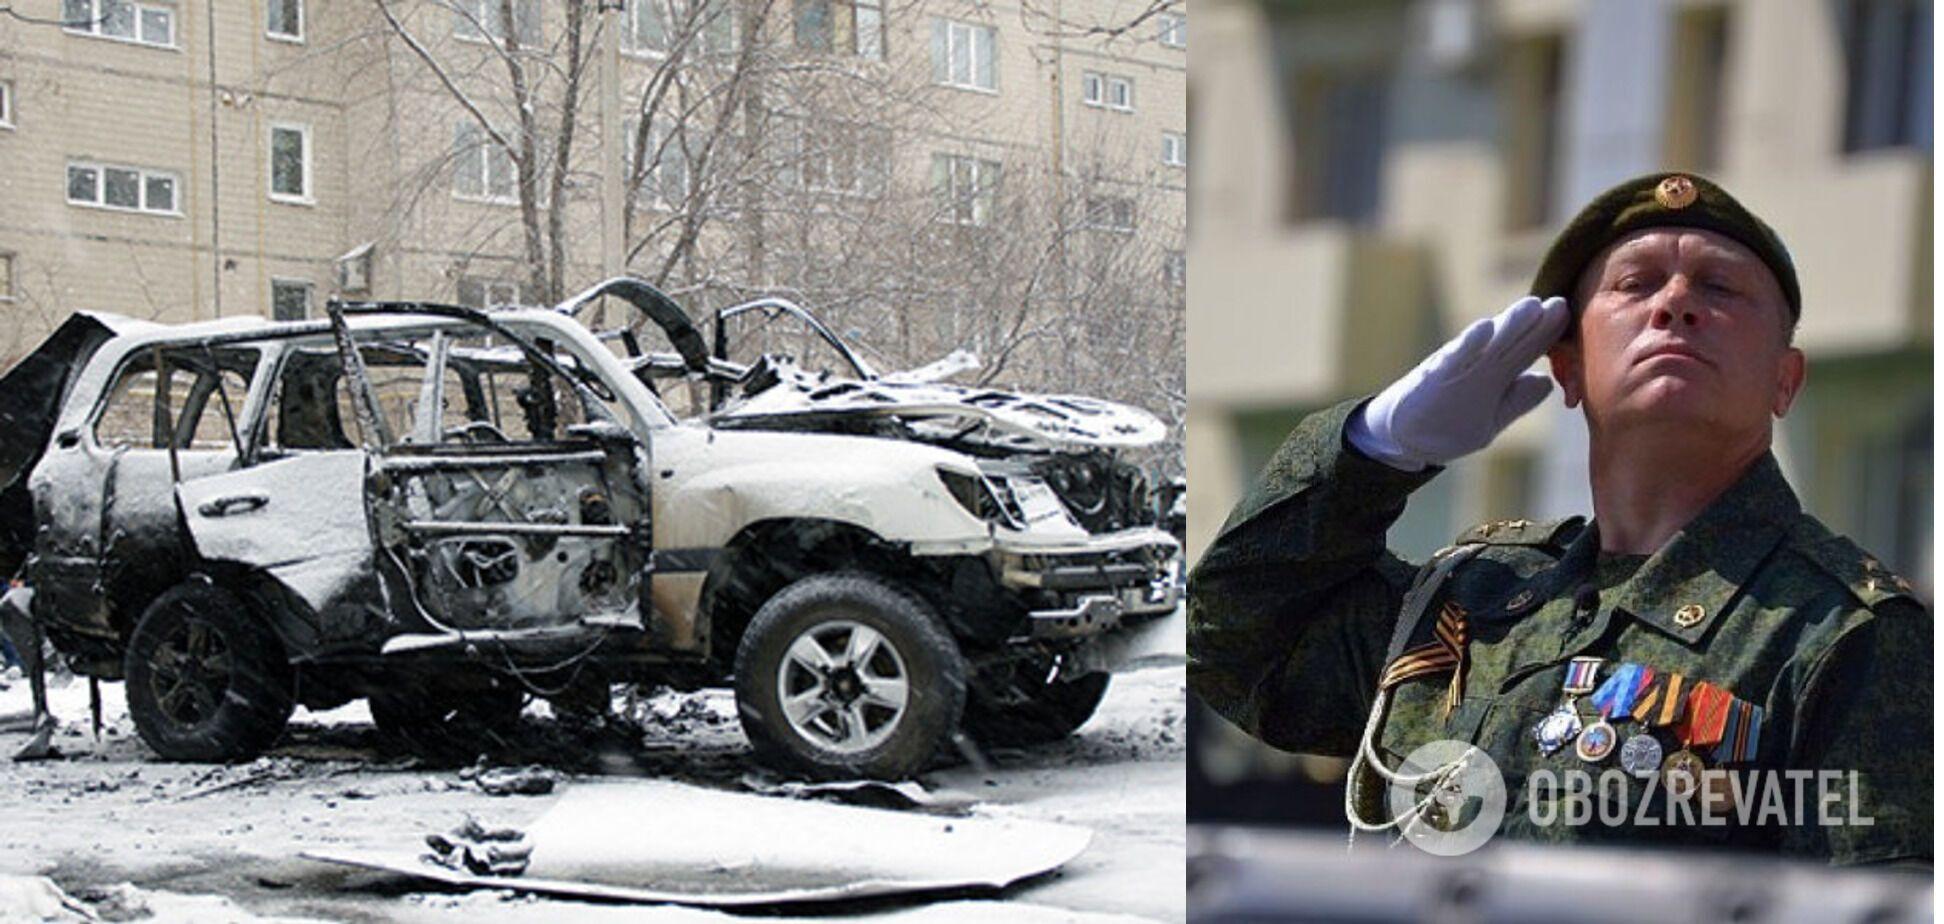 """Один из главарей террористов """"ЛНР"""" Олег Анащенко был ликвидирован украинскими диверсантами 4 февраля 2017 года."""